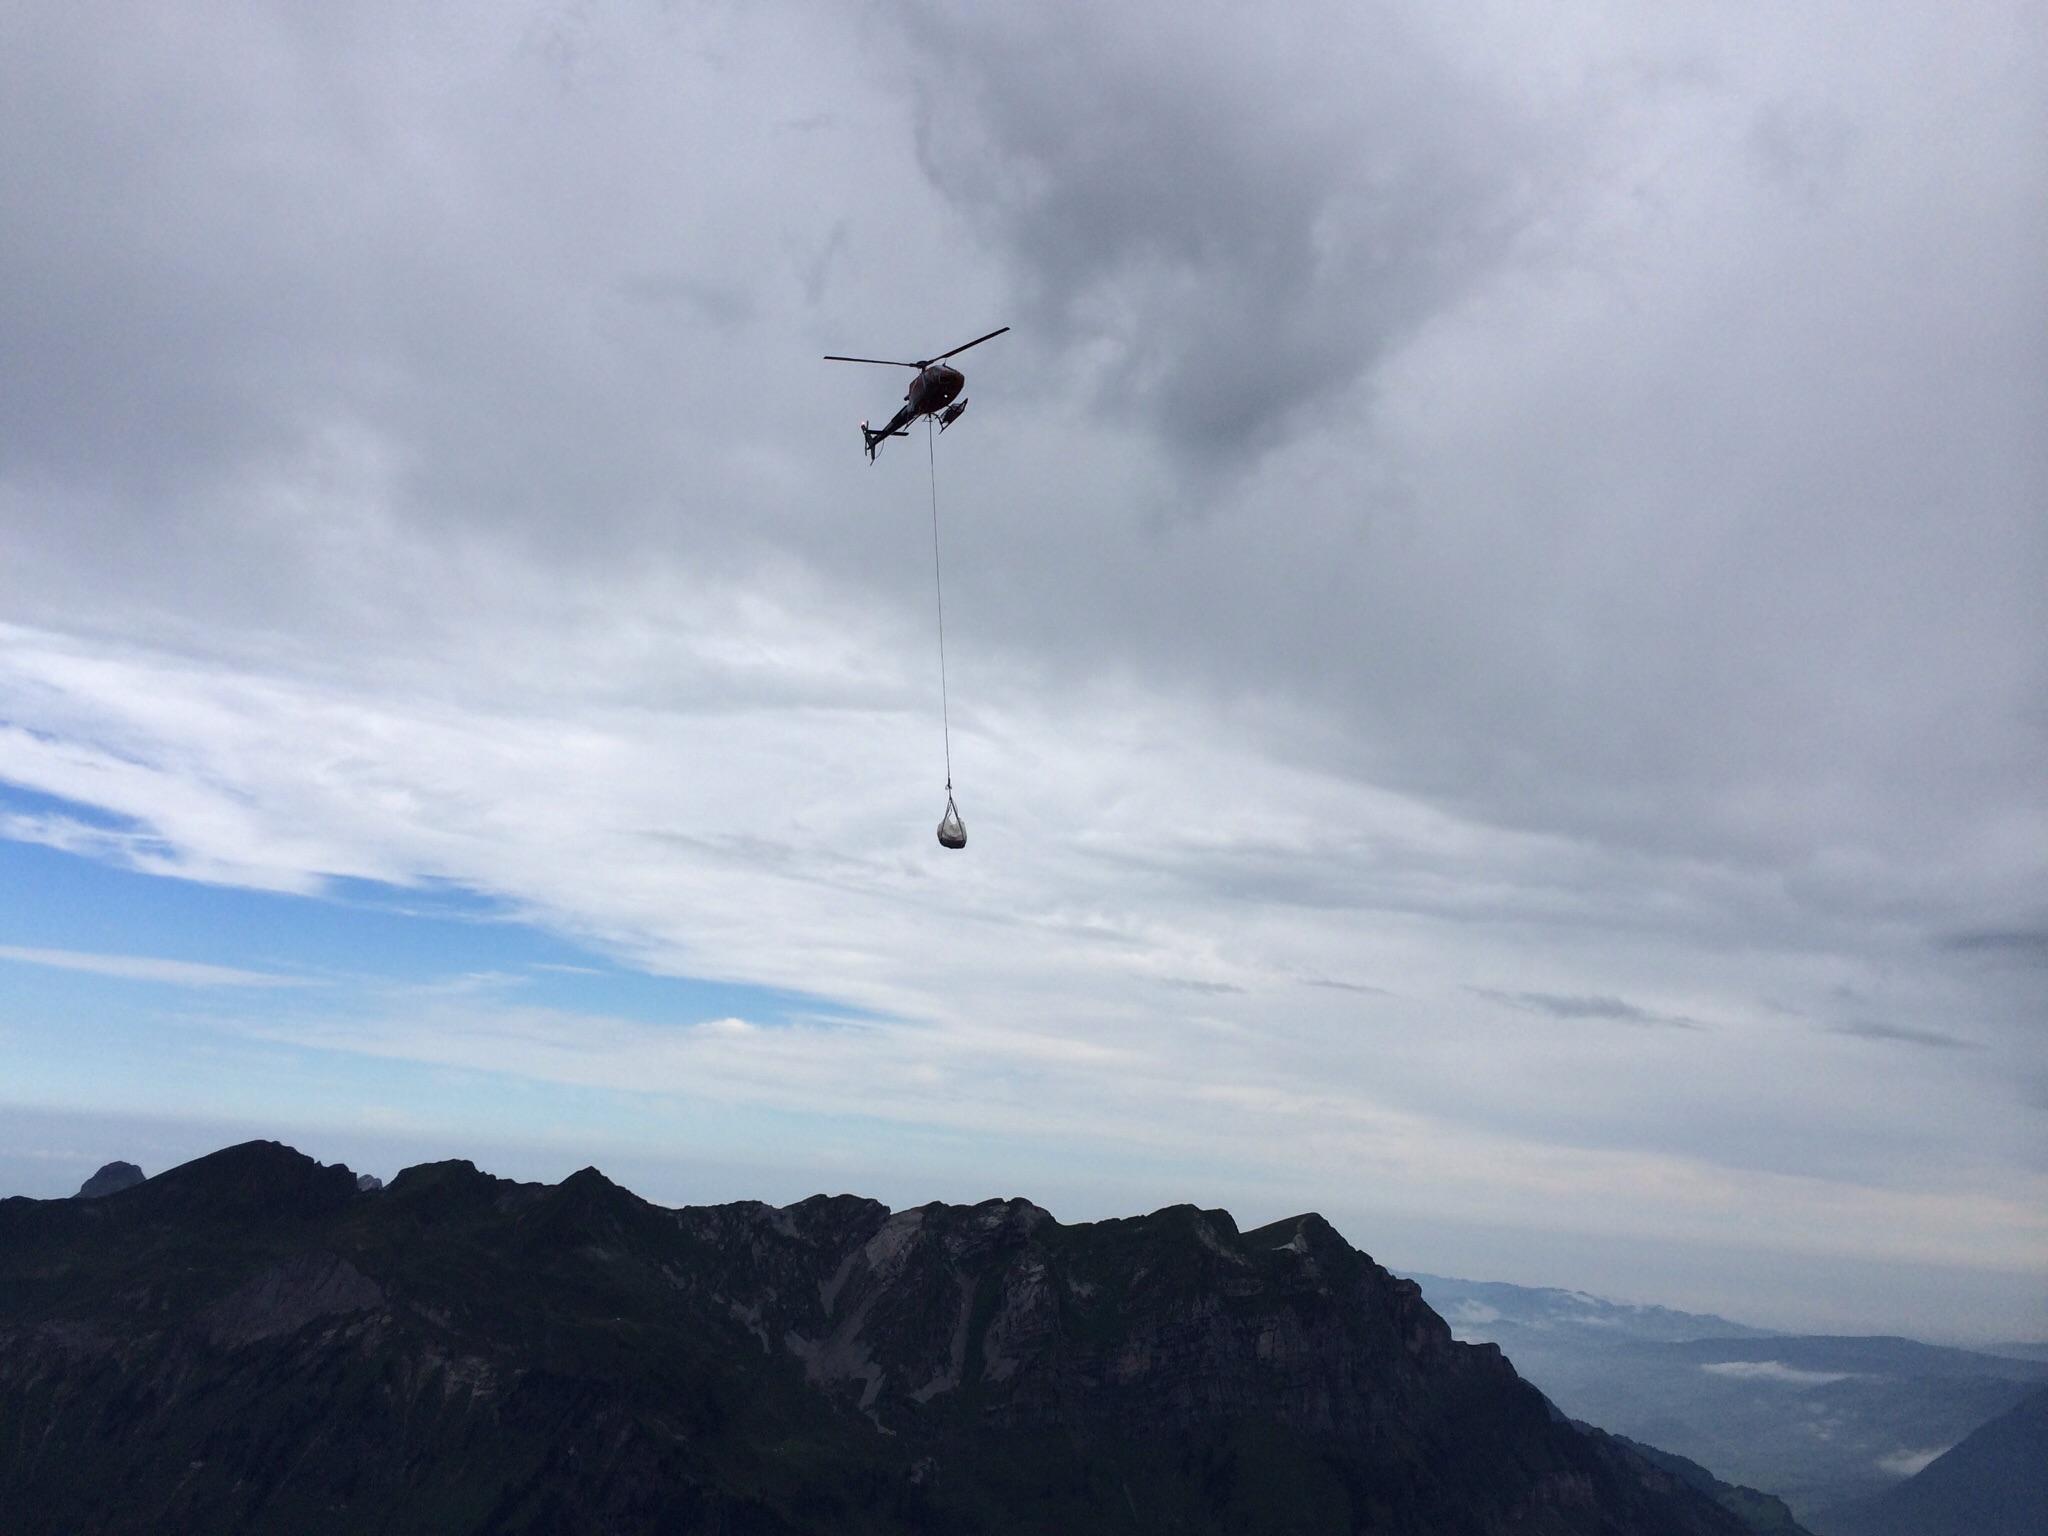 Ein Helikopter knattert herbei...